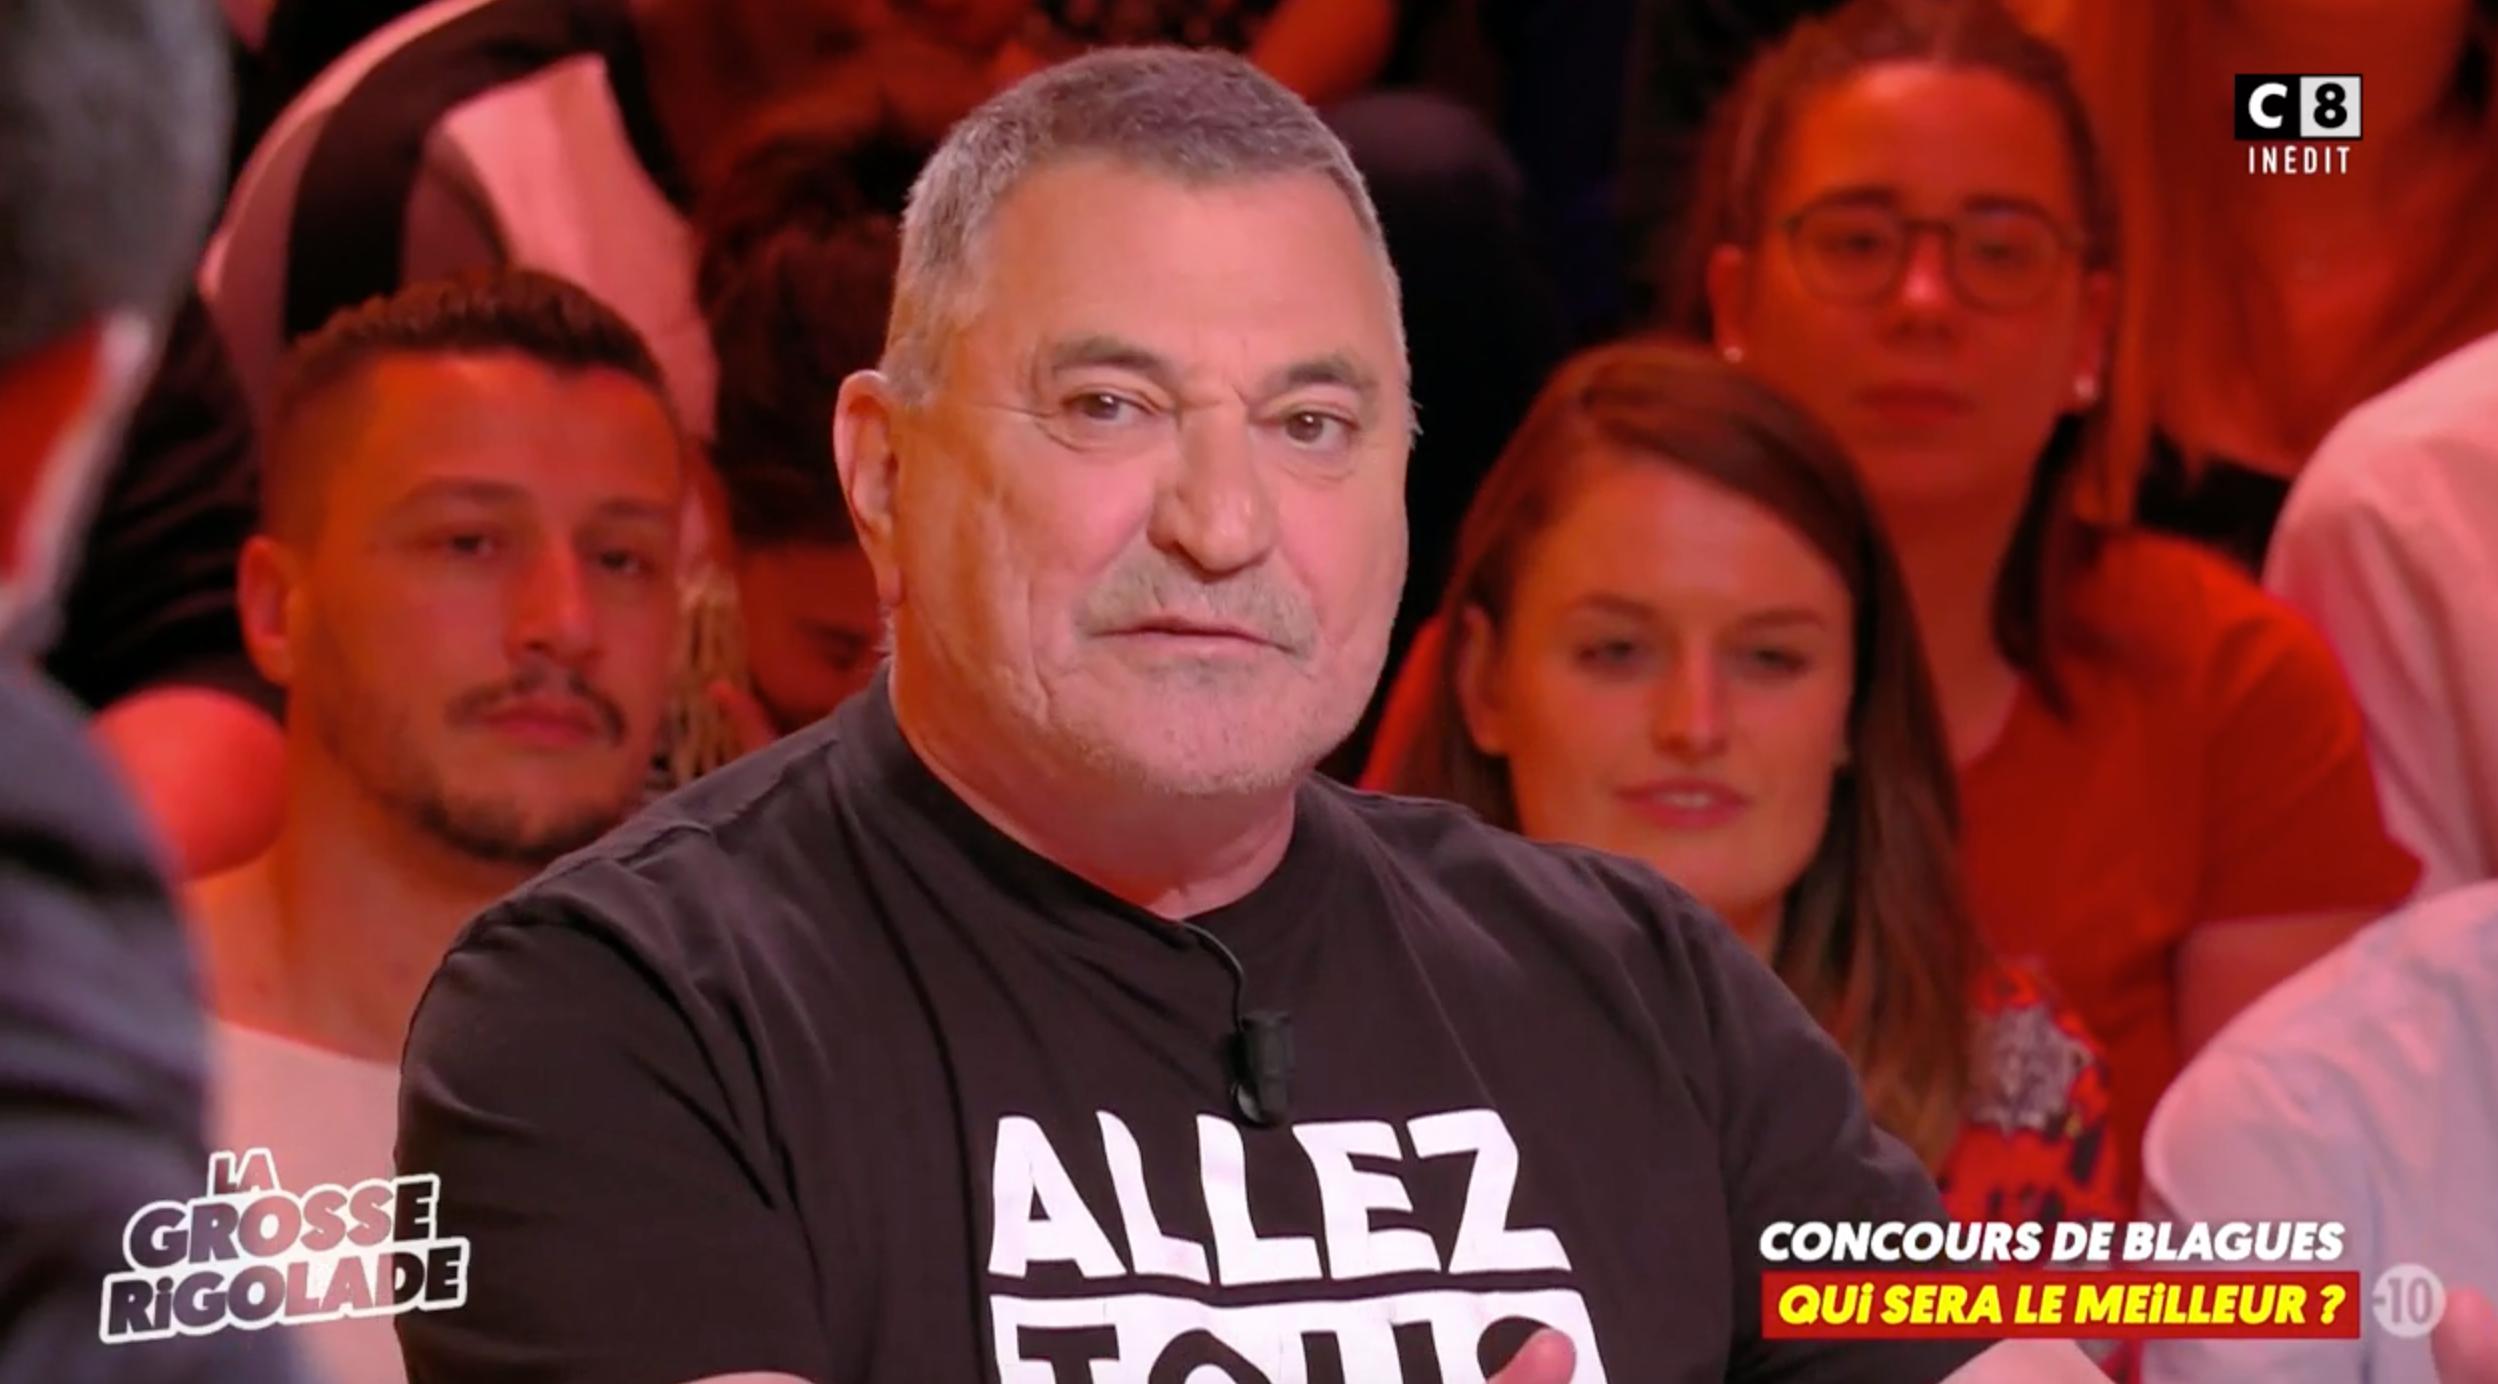 VIDEO La Grosse Rigolade : la blague TRÈS osée de Jean-Marie Bigard provoque le malaise général